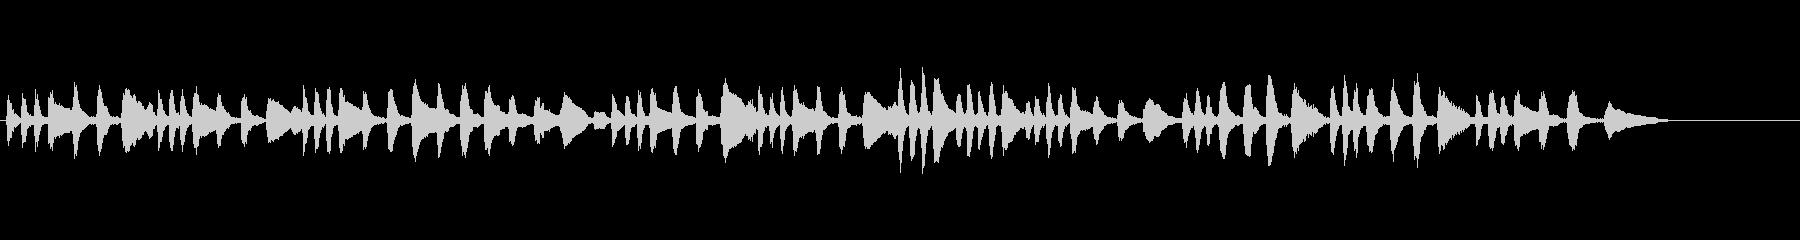 バルトーク、メヌエットの未再生の波形